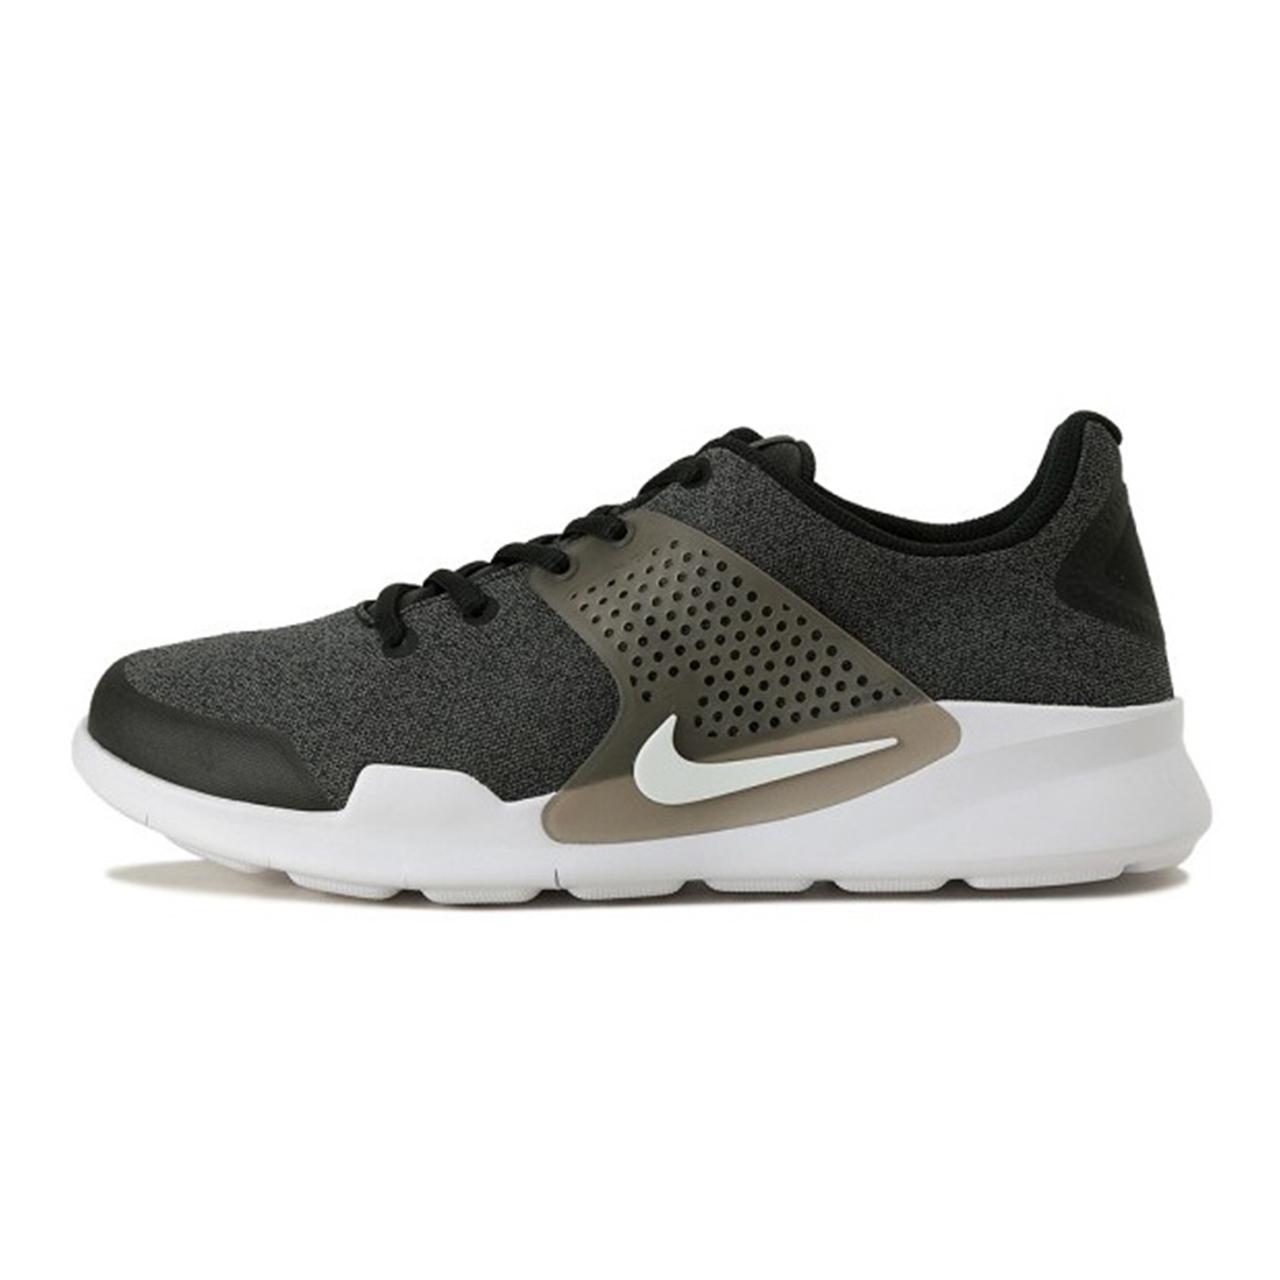 قیمت کفش مخصوص دویدن مردانه نایکی مدل 902813-002